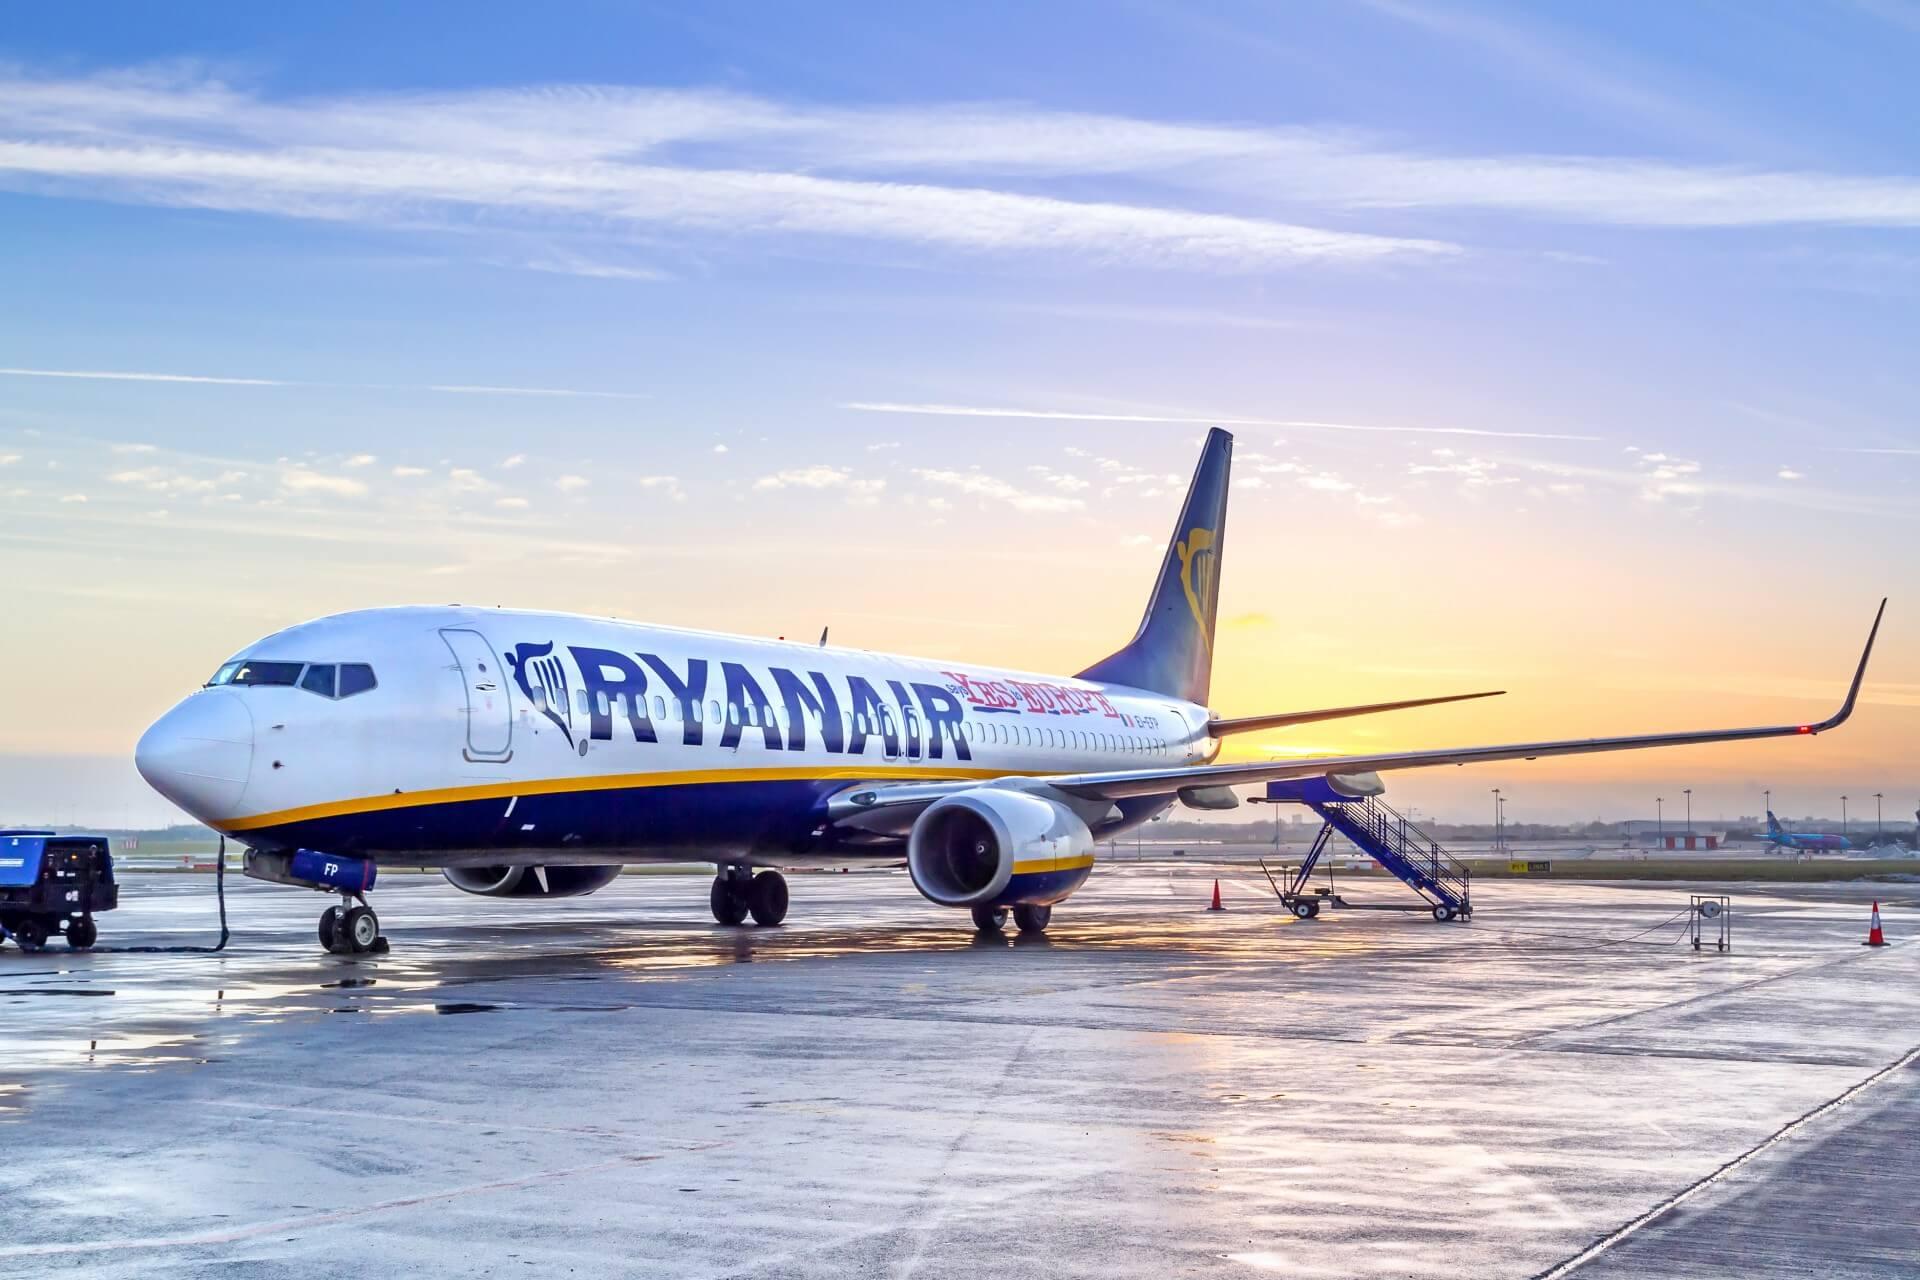 Bilete avion ieftine RyanAir